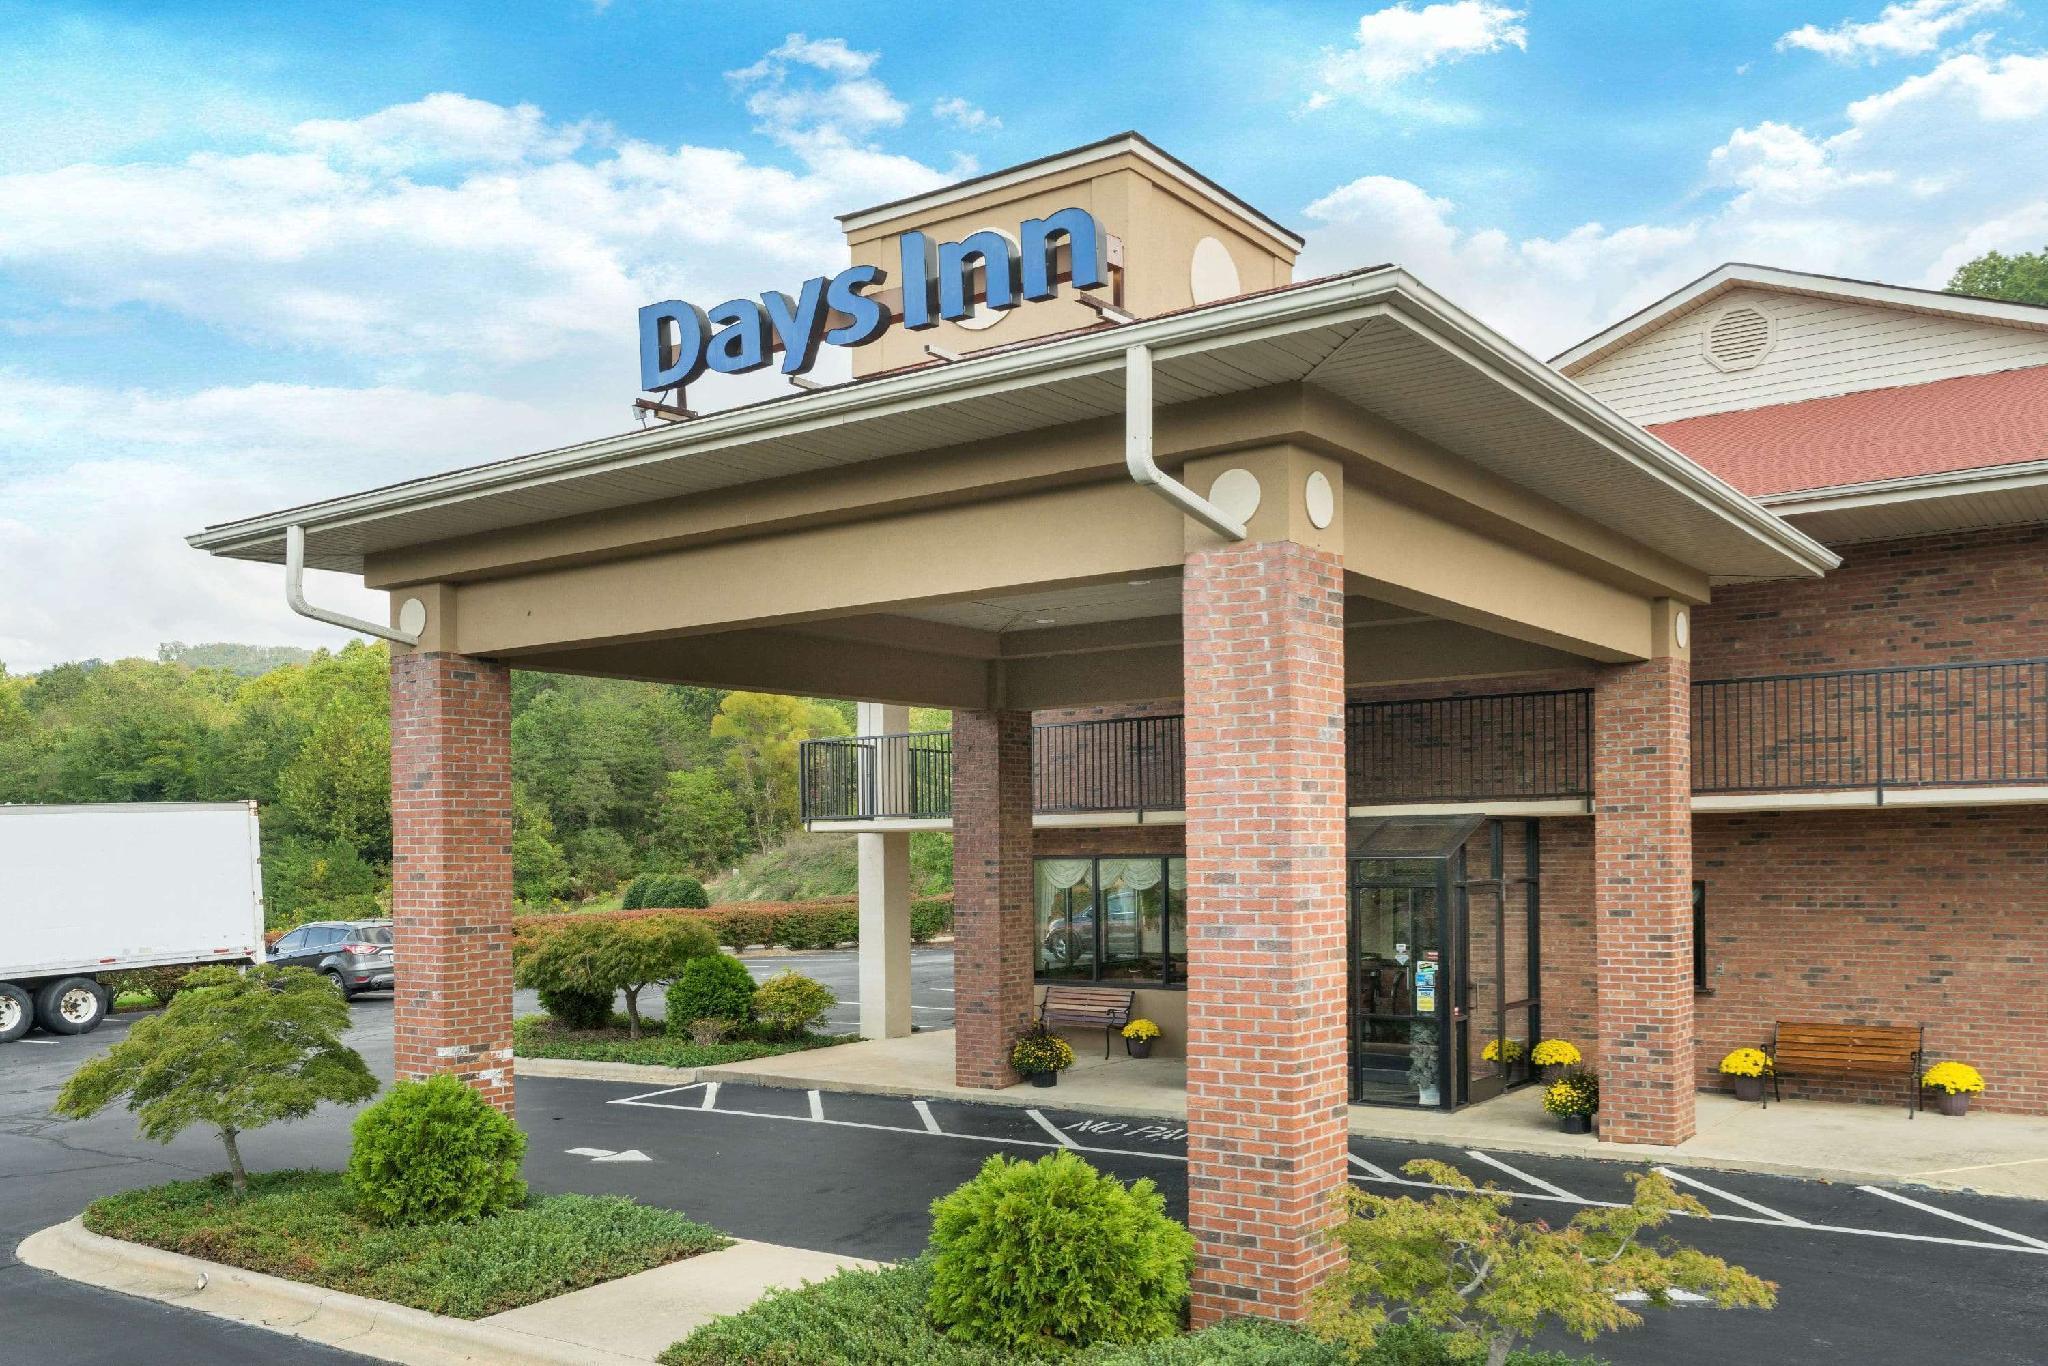 Days Inn By Wyndham Asheville North